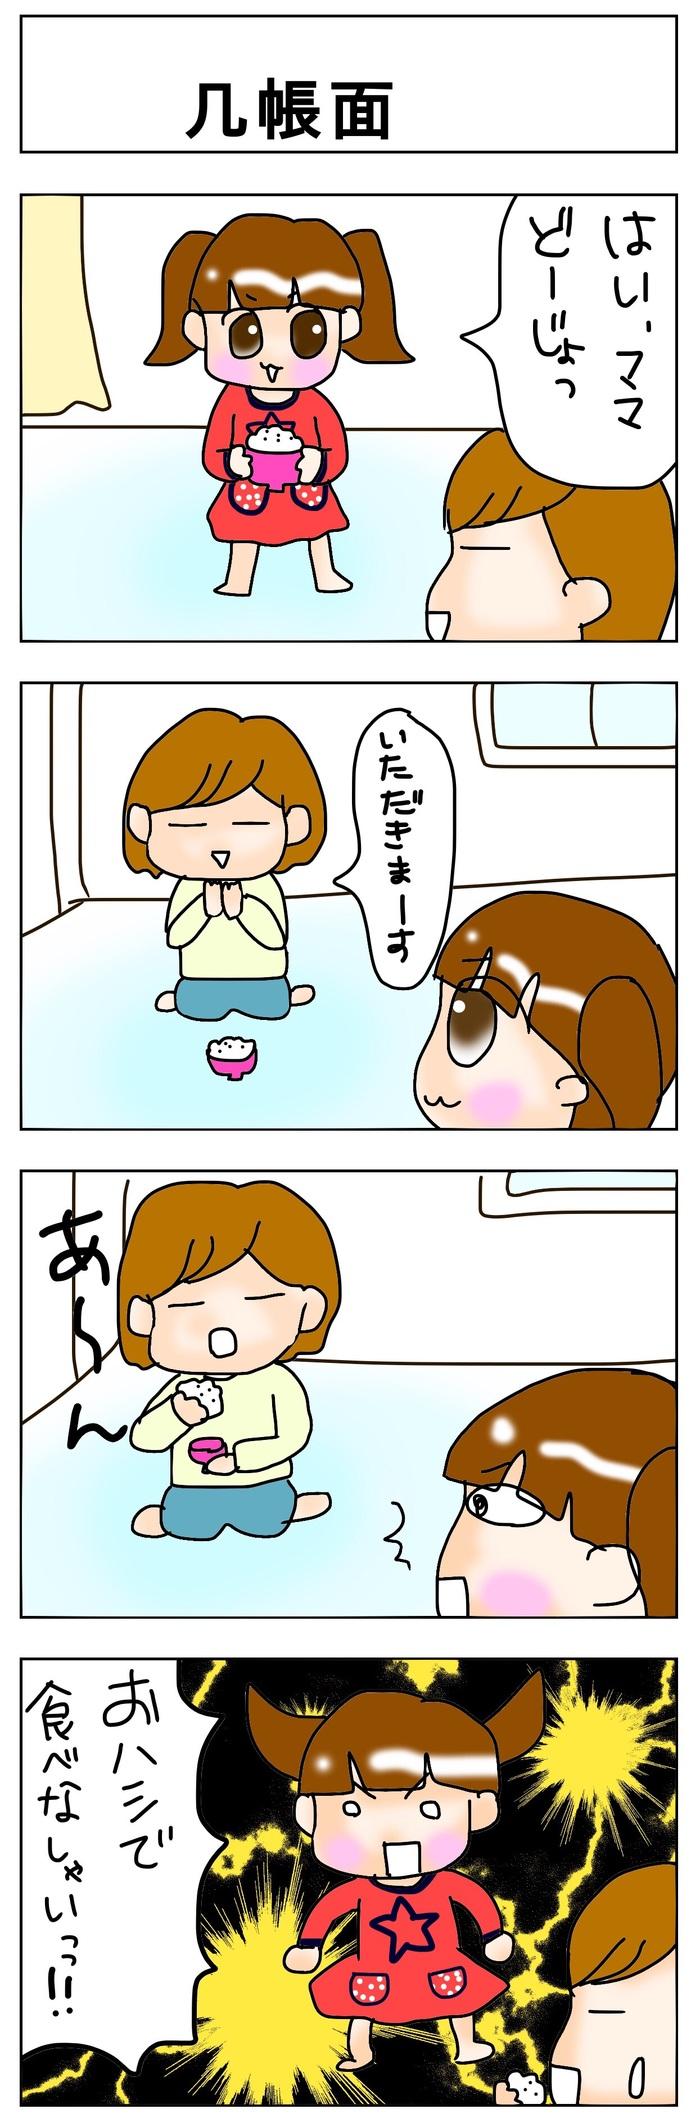 ママのイライラも思わず吹っ飛ぶ!?疲れた時の癒しに♪おとぼけ長女のオモシロ発言まとめ!の画像2